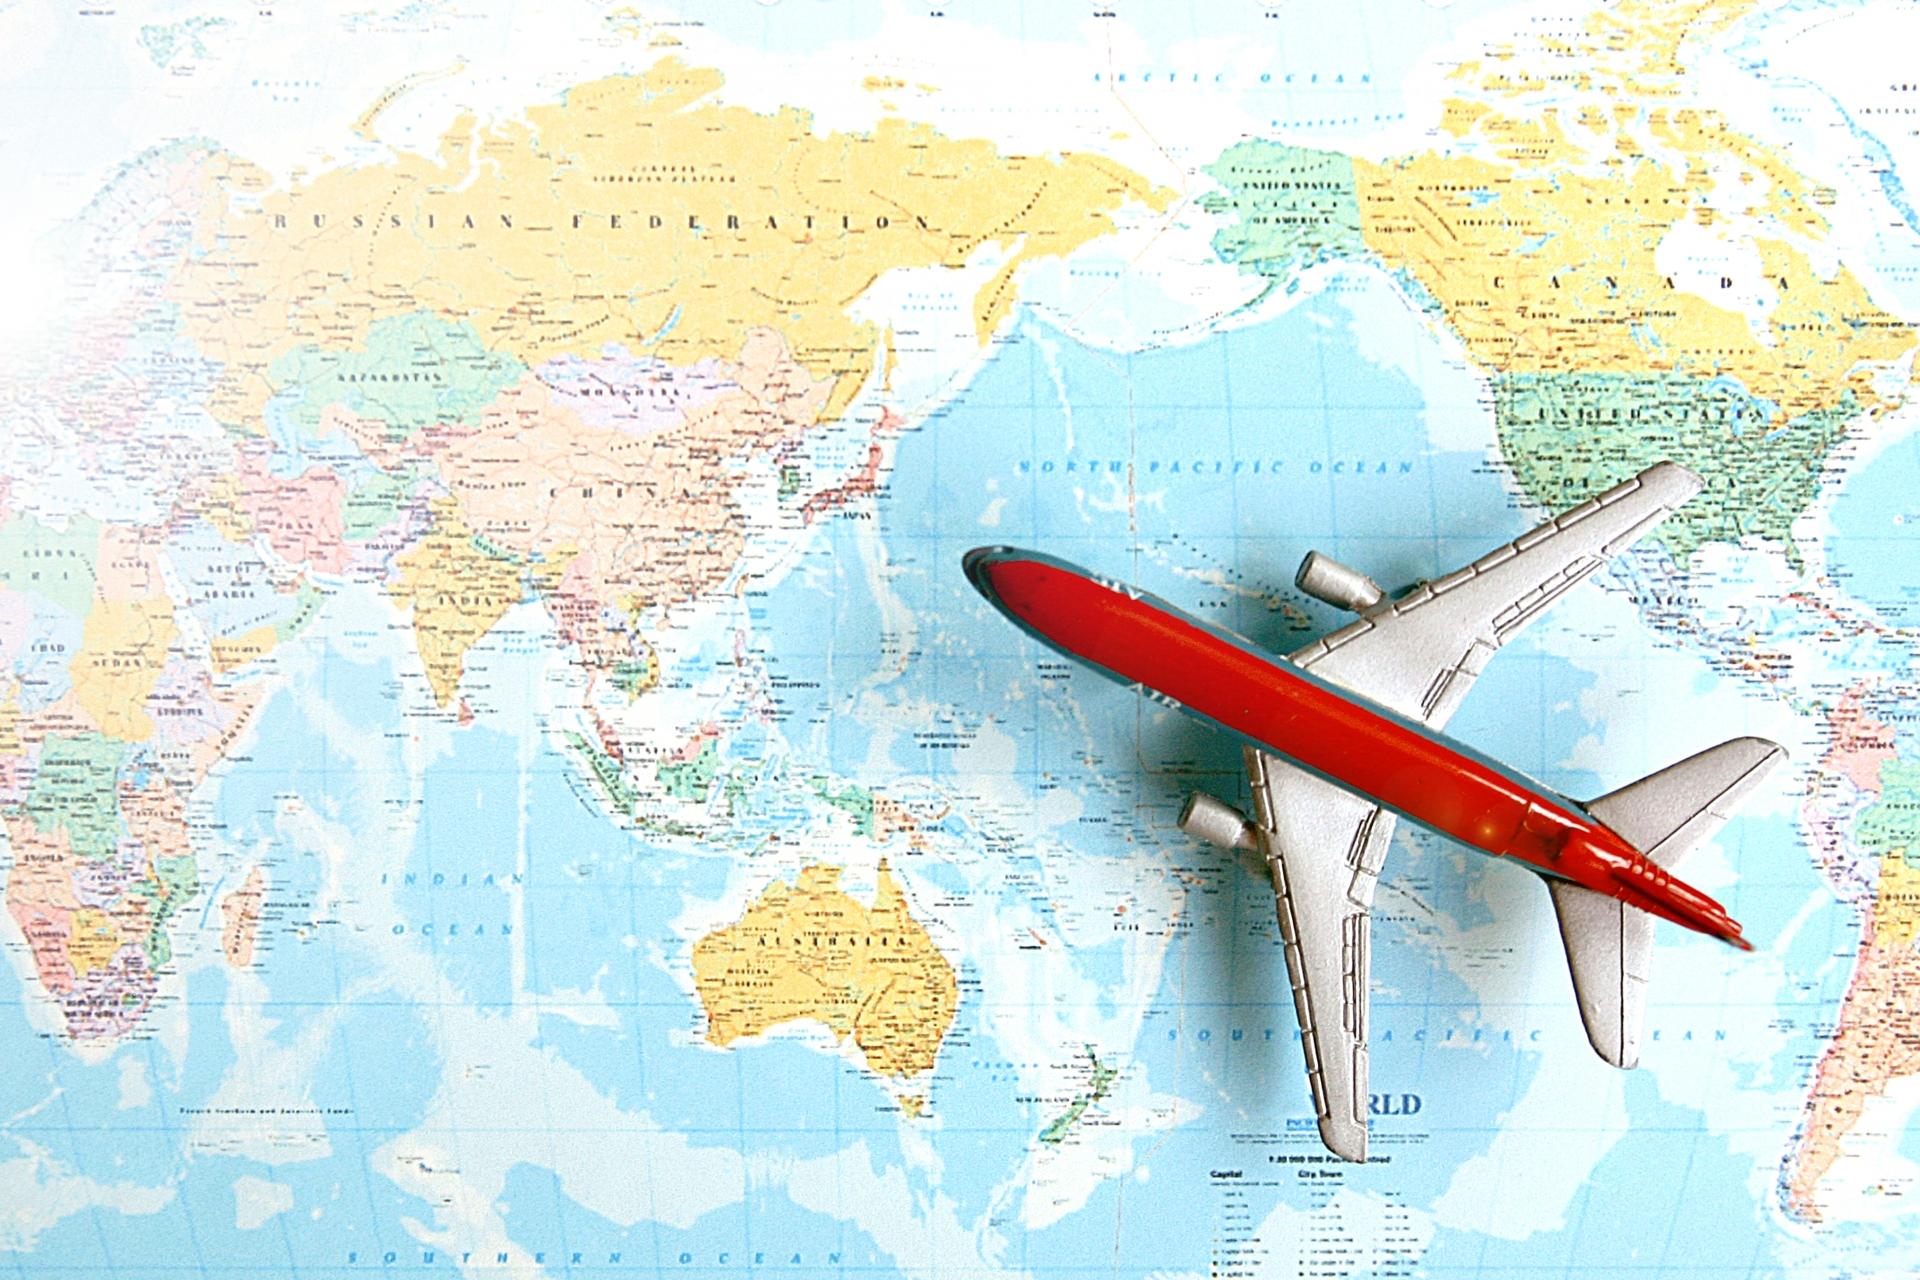 フィリピンを旅行するのに便利なサイトやアプリまとめ